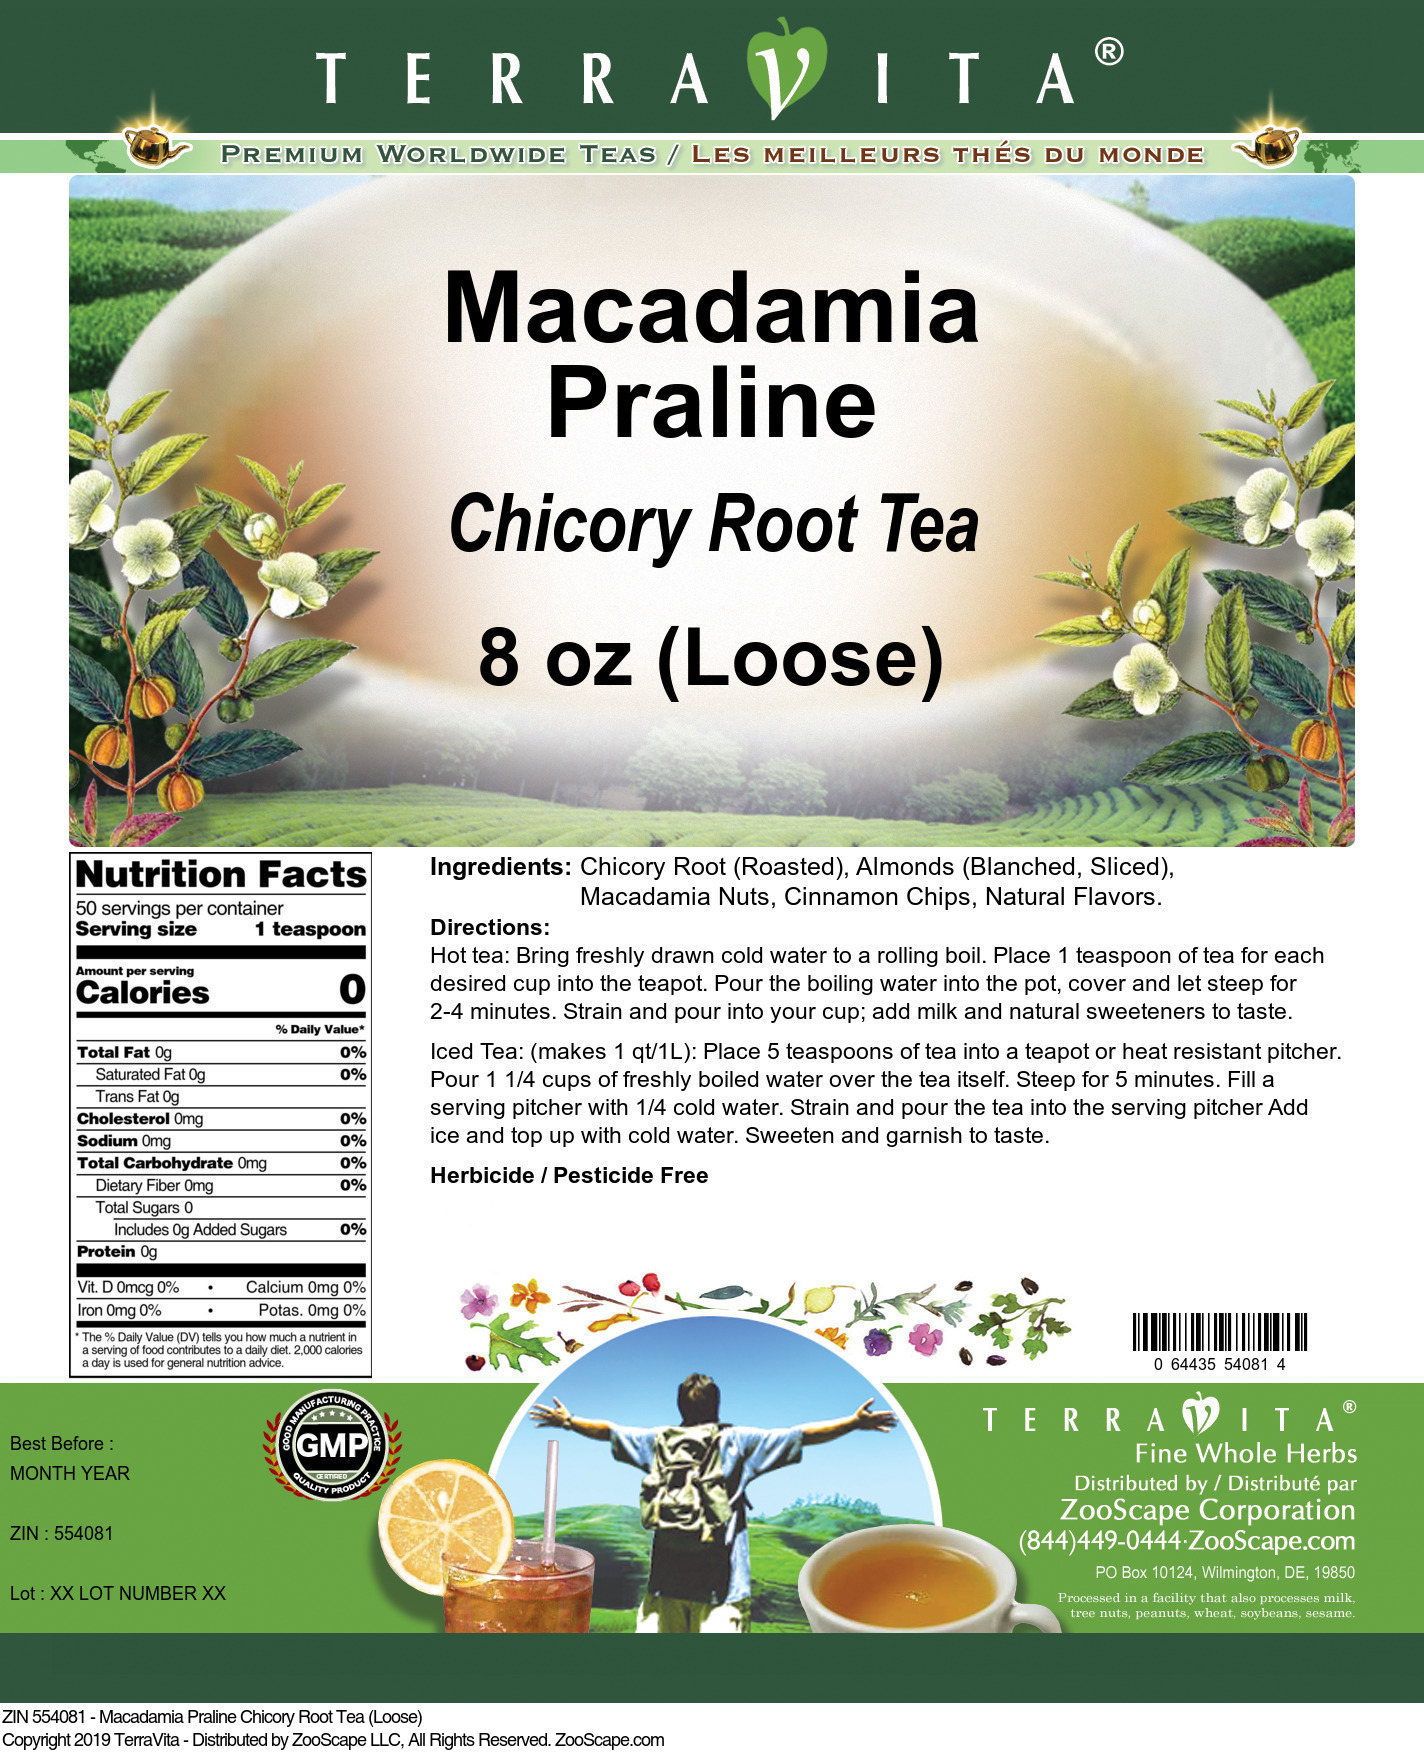 Macadamia Praline Chicory Root